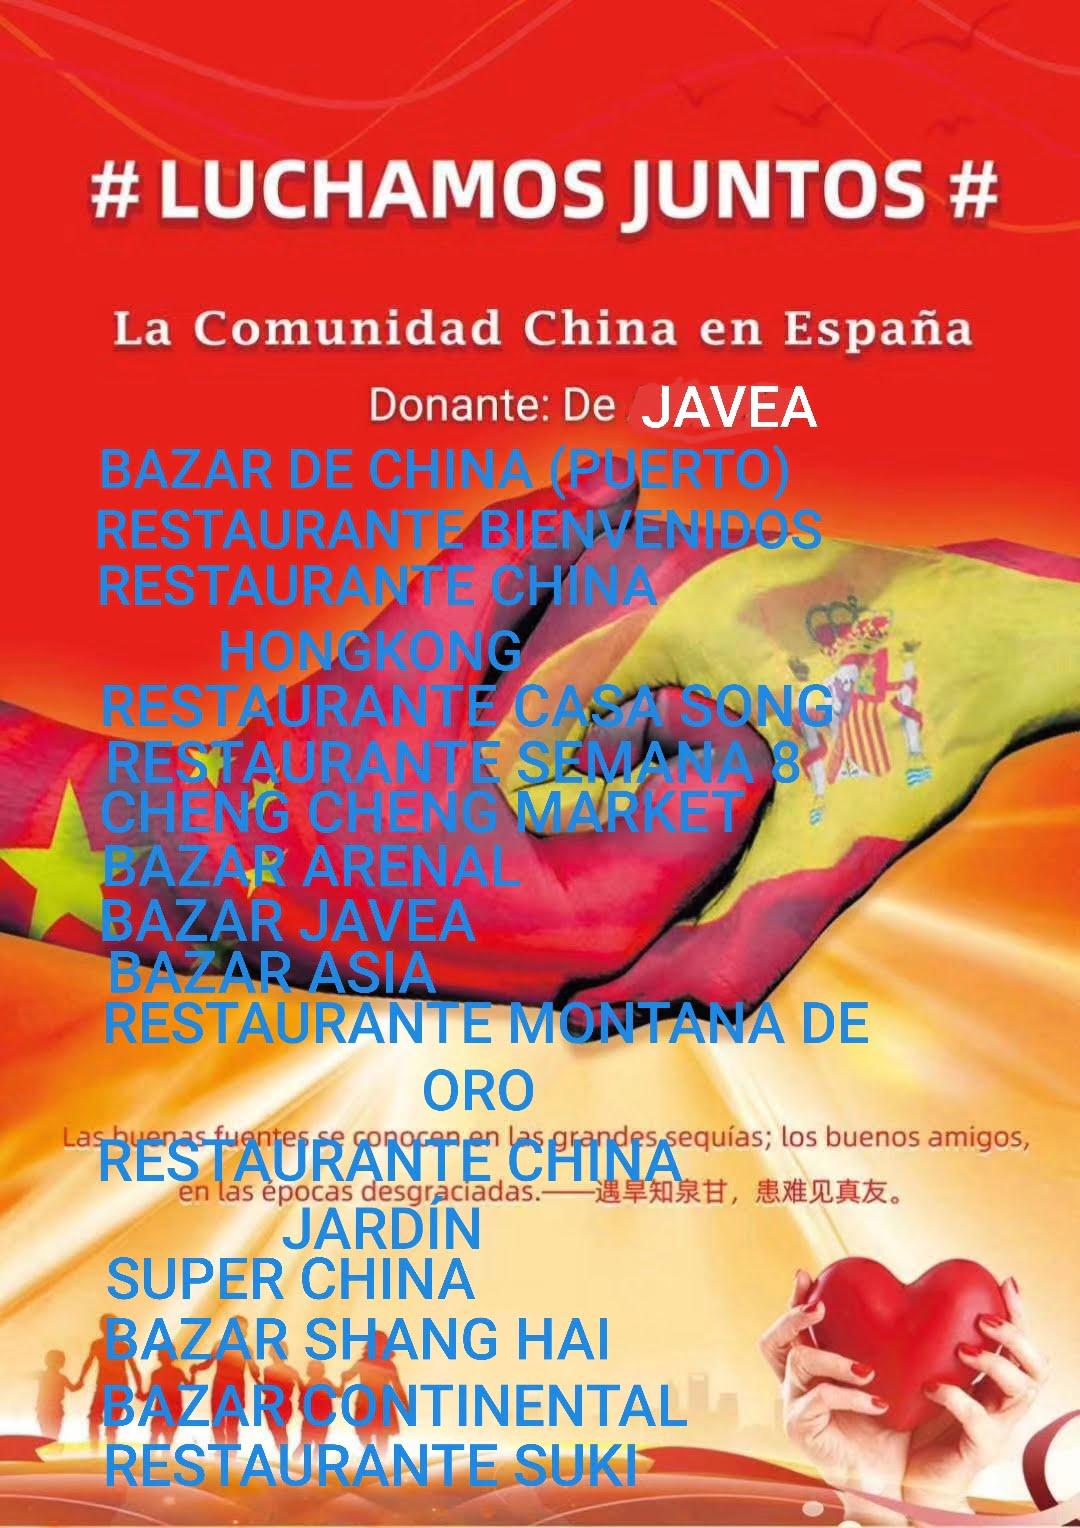 Empresarios chinos que han aportado esta donación